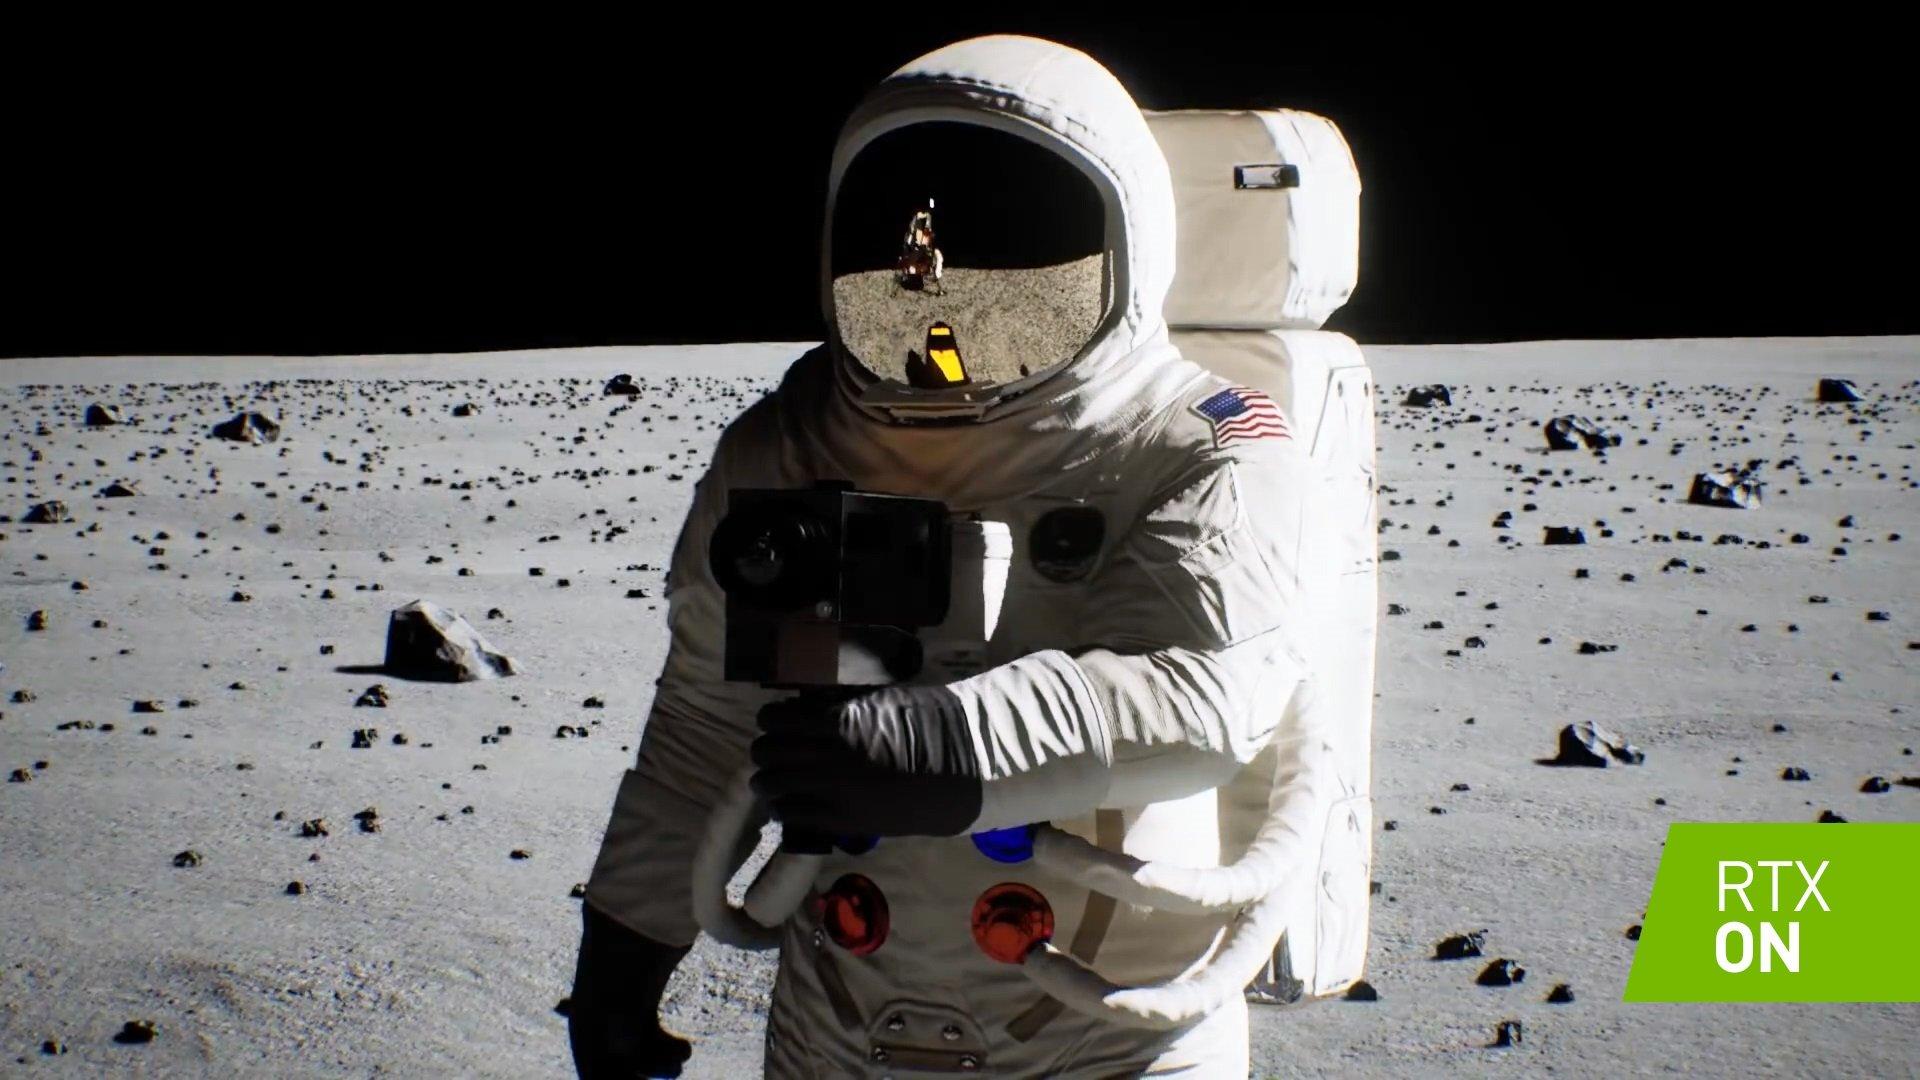 NVIDIA RTX Apollo 11